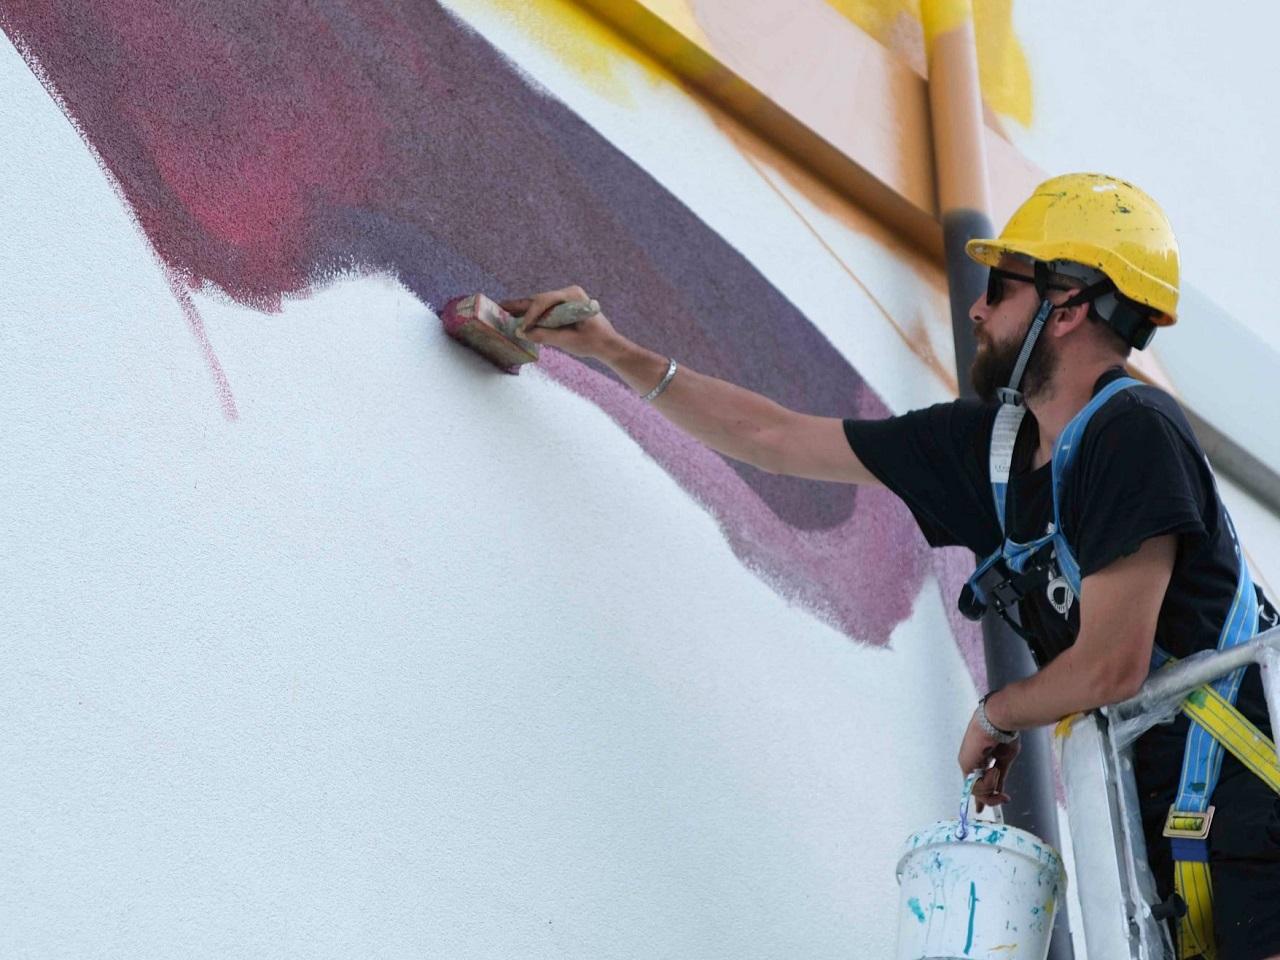 Giorgio Bartocci al lavoro (foto di Giacomo Colonnelli per PopUp festival)